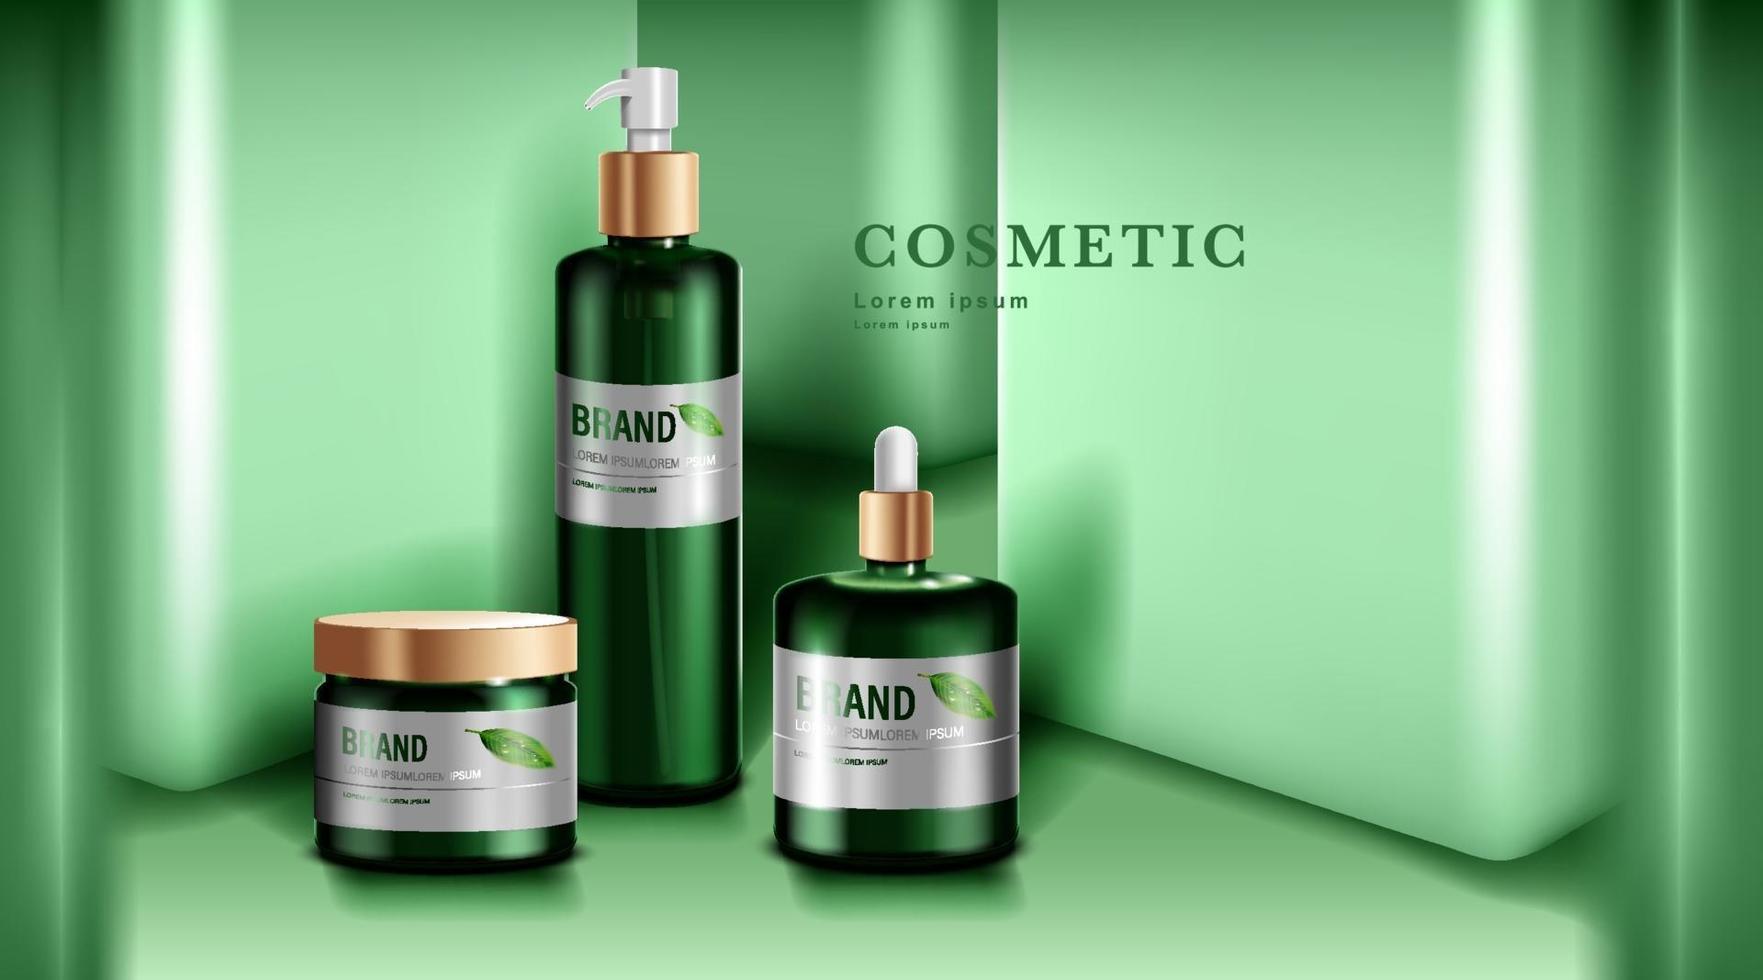 cosméticos ou produtos para a pele. maquete de garrafa verde e fundo de parede verde. ilustração vetorial. vetor